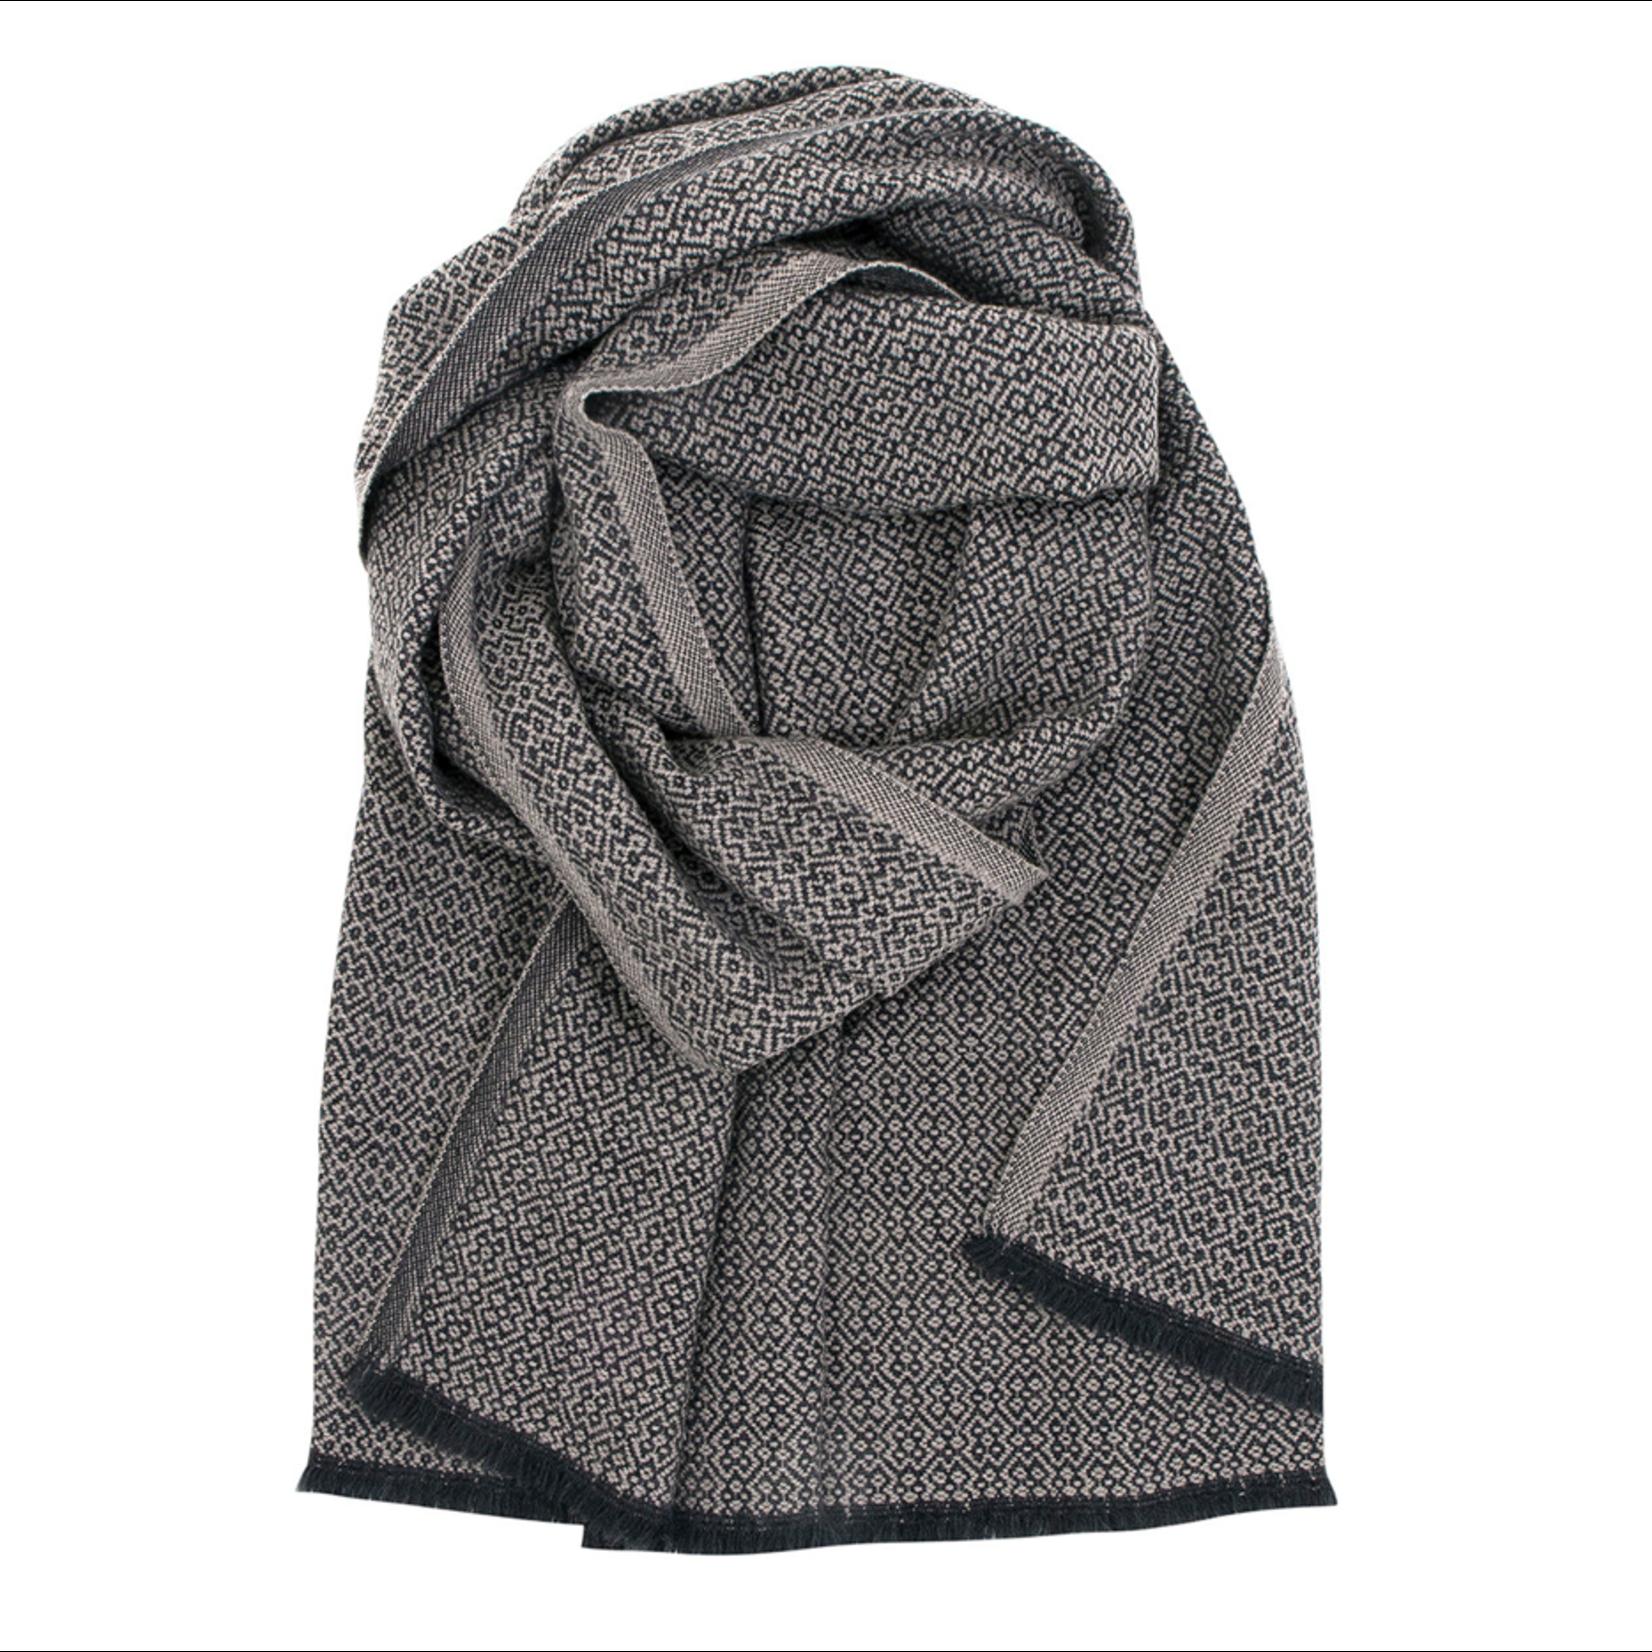 Lapuan Kankurit KOLI sjaal, 100% merinowol, zwart-beige